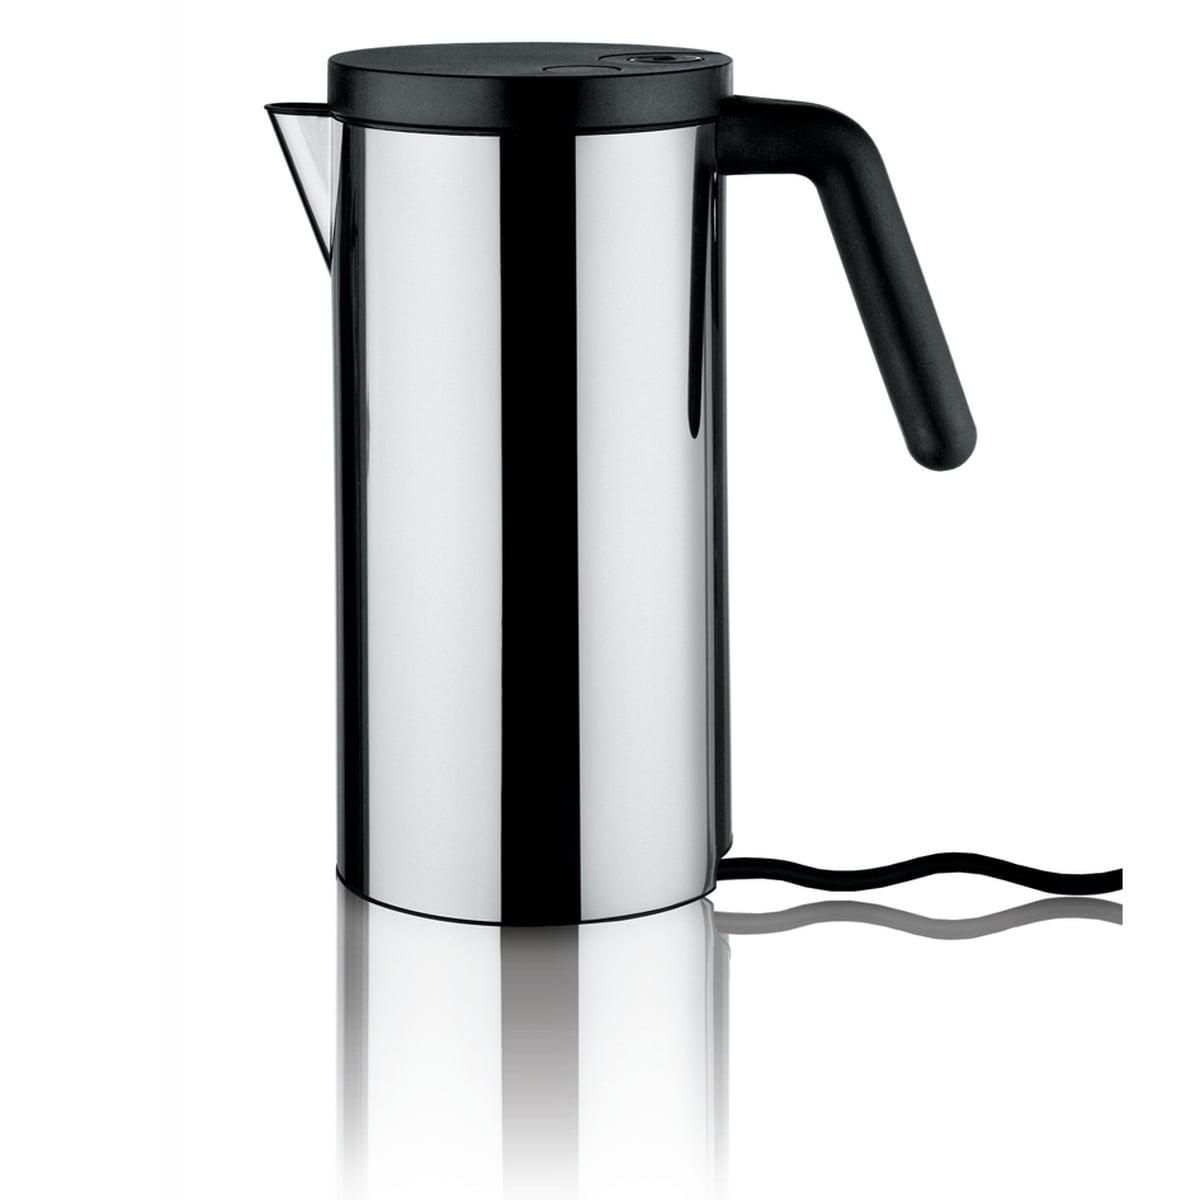 Hot.it elektrischer Wasserkocher, 1.4 l, schwarz